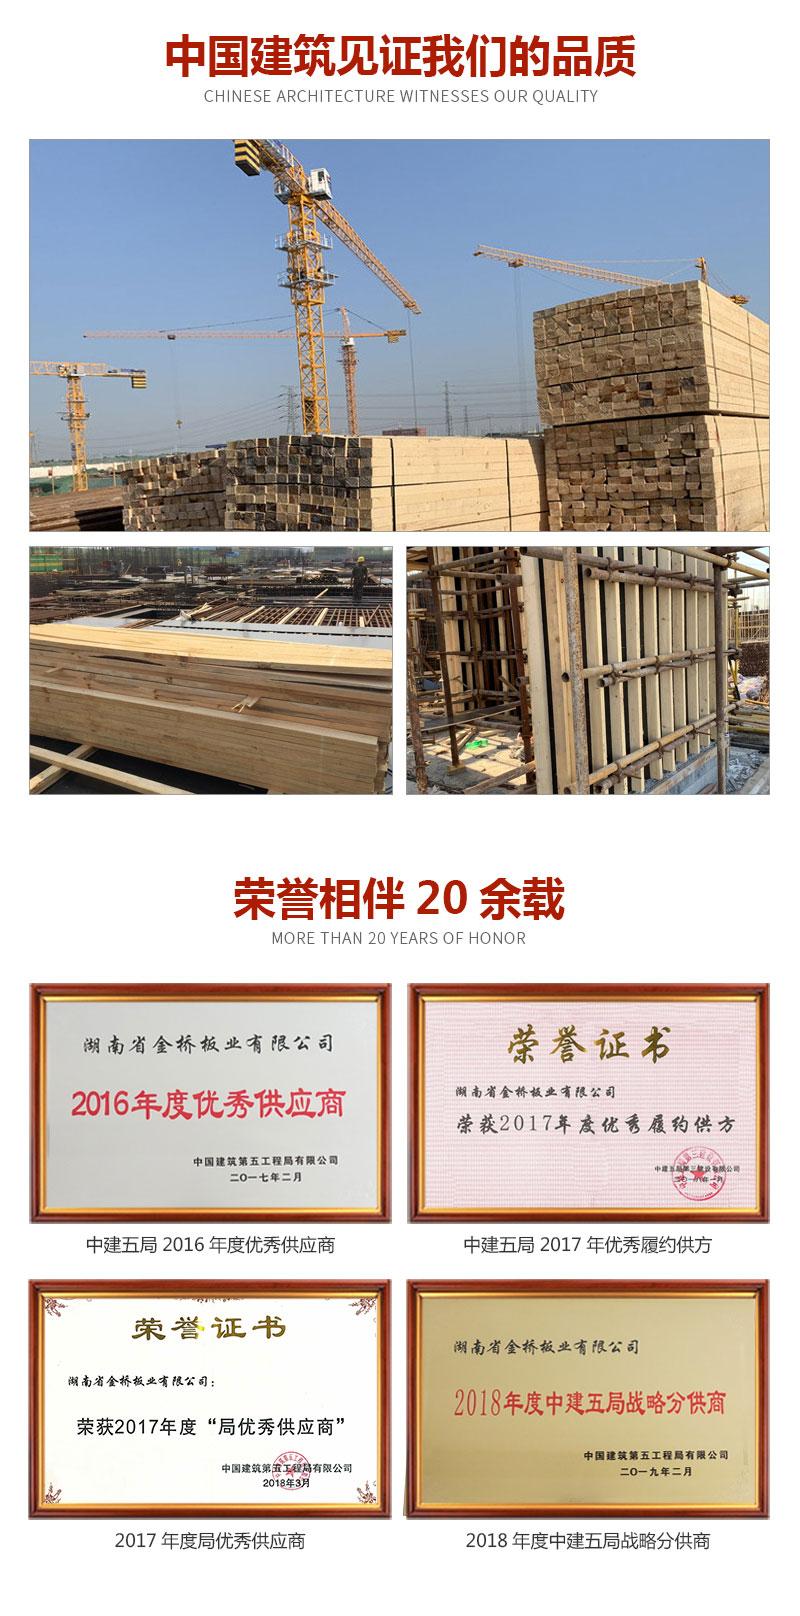 方木金桥板业品质见证